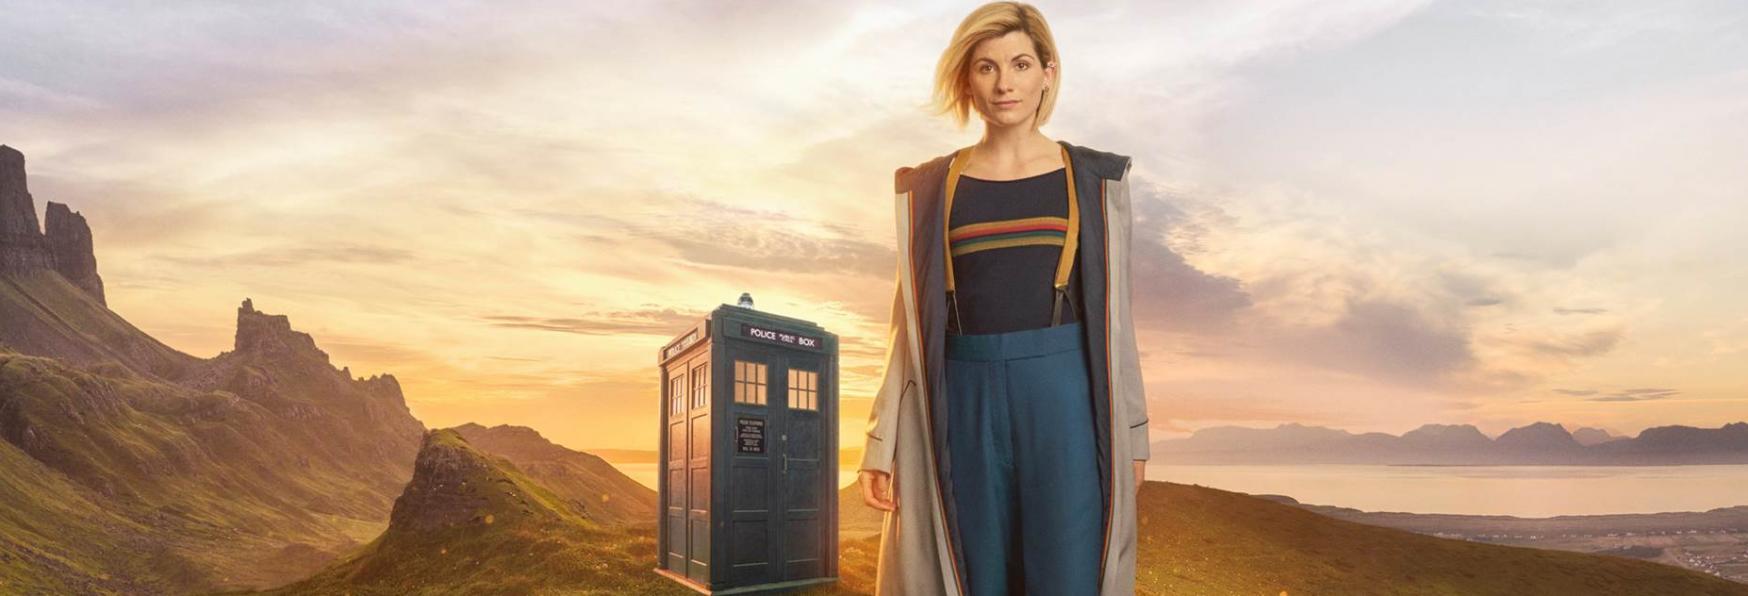 Doctor Who 12: svelata la Data di Uscita della nuova Stagione (e il nuovo Trailer)